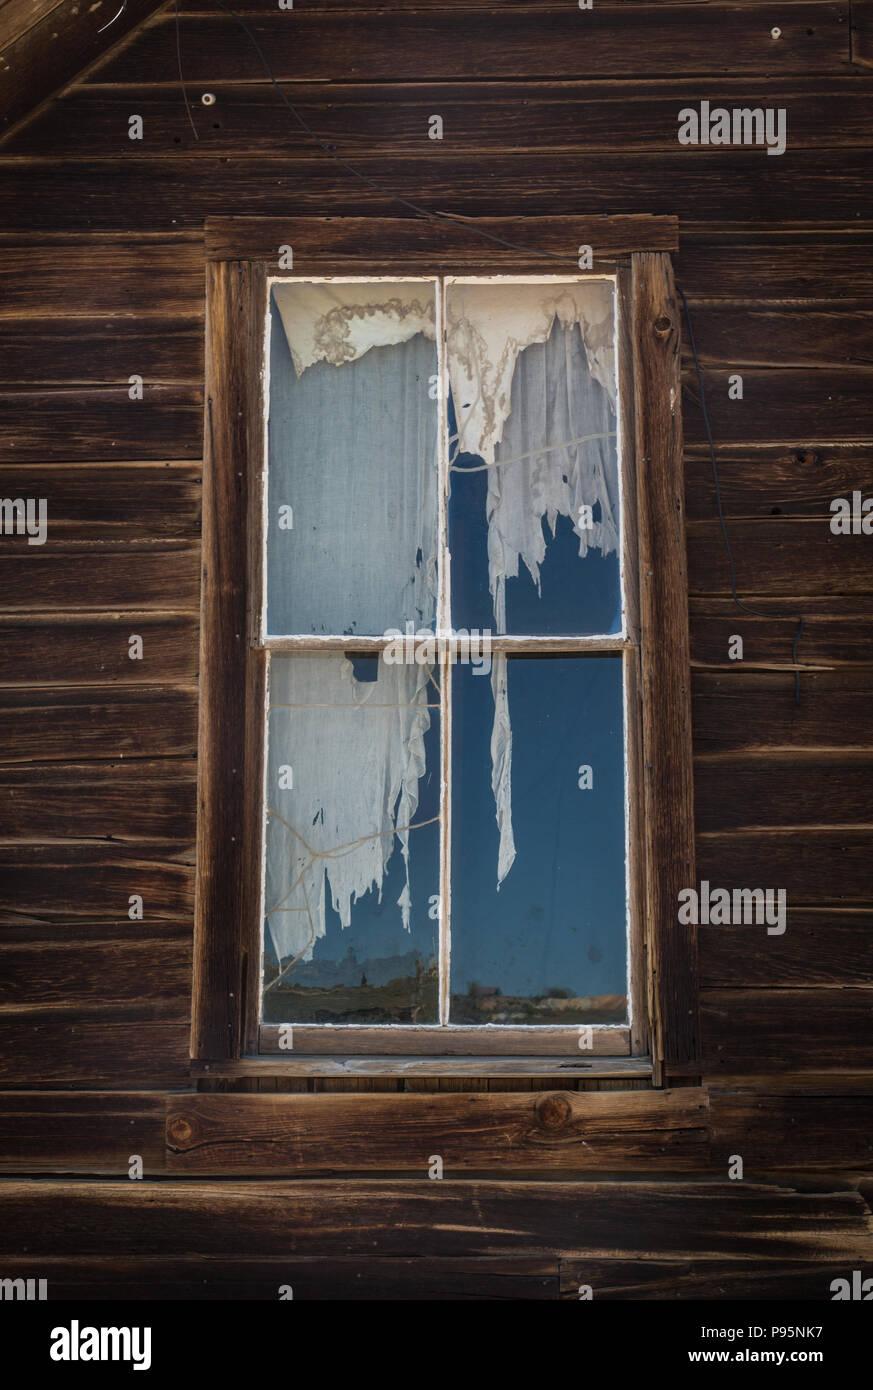 Eine Zerrissene Vorhang In Einem Fenster In Einem Verlassenen Haus